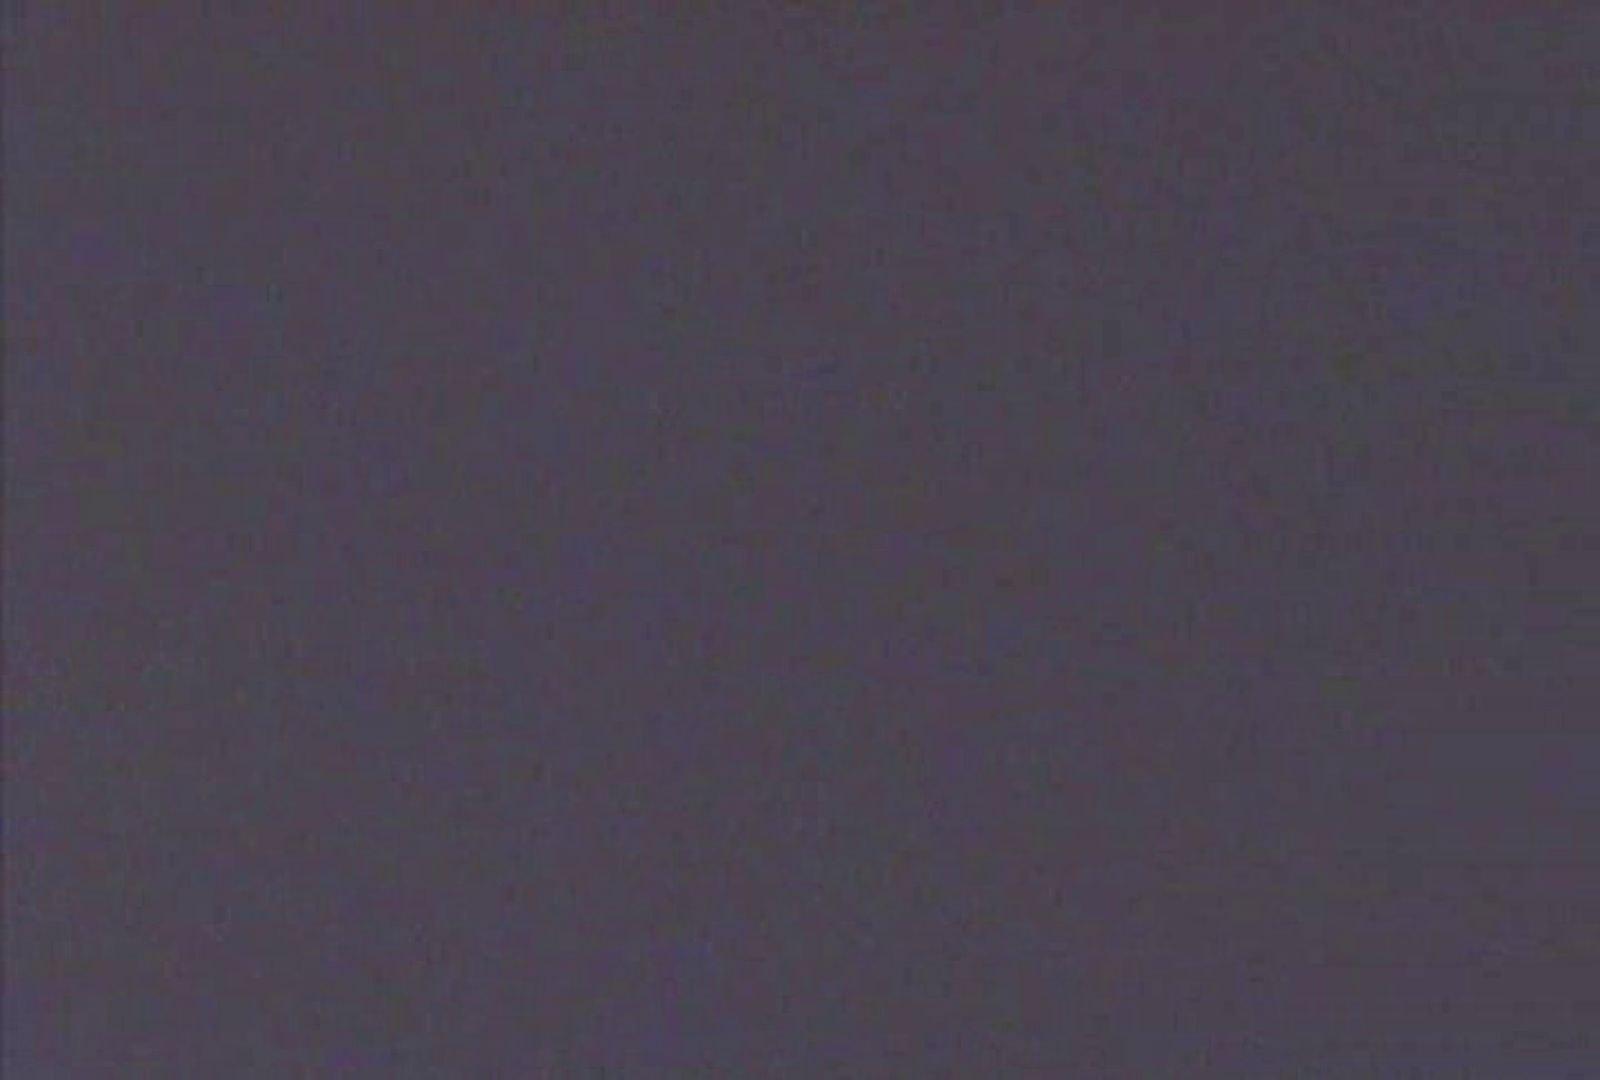 素人投稿シリーズ 盗撮 覗きの穴場 大浴場編  Vol.2 0   エッチな盗撮  112pic 85